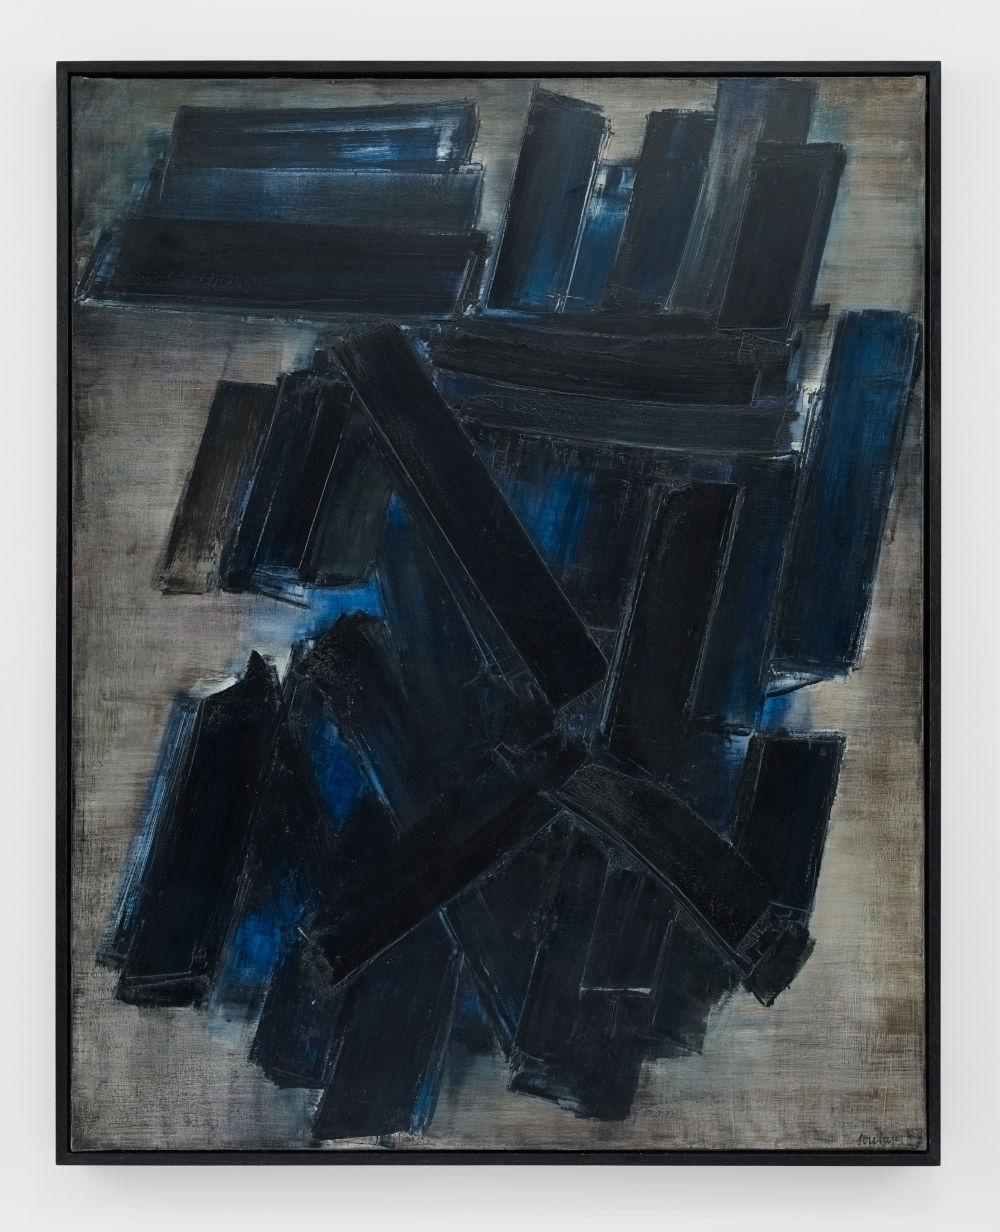 Peinture 195 x 155 cm, 7 février 1957